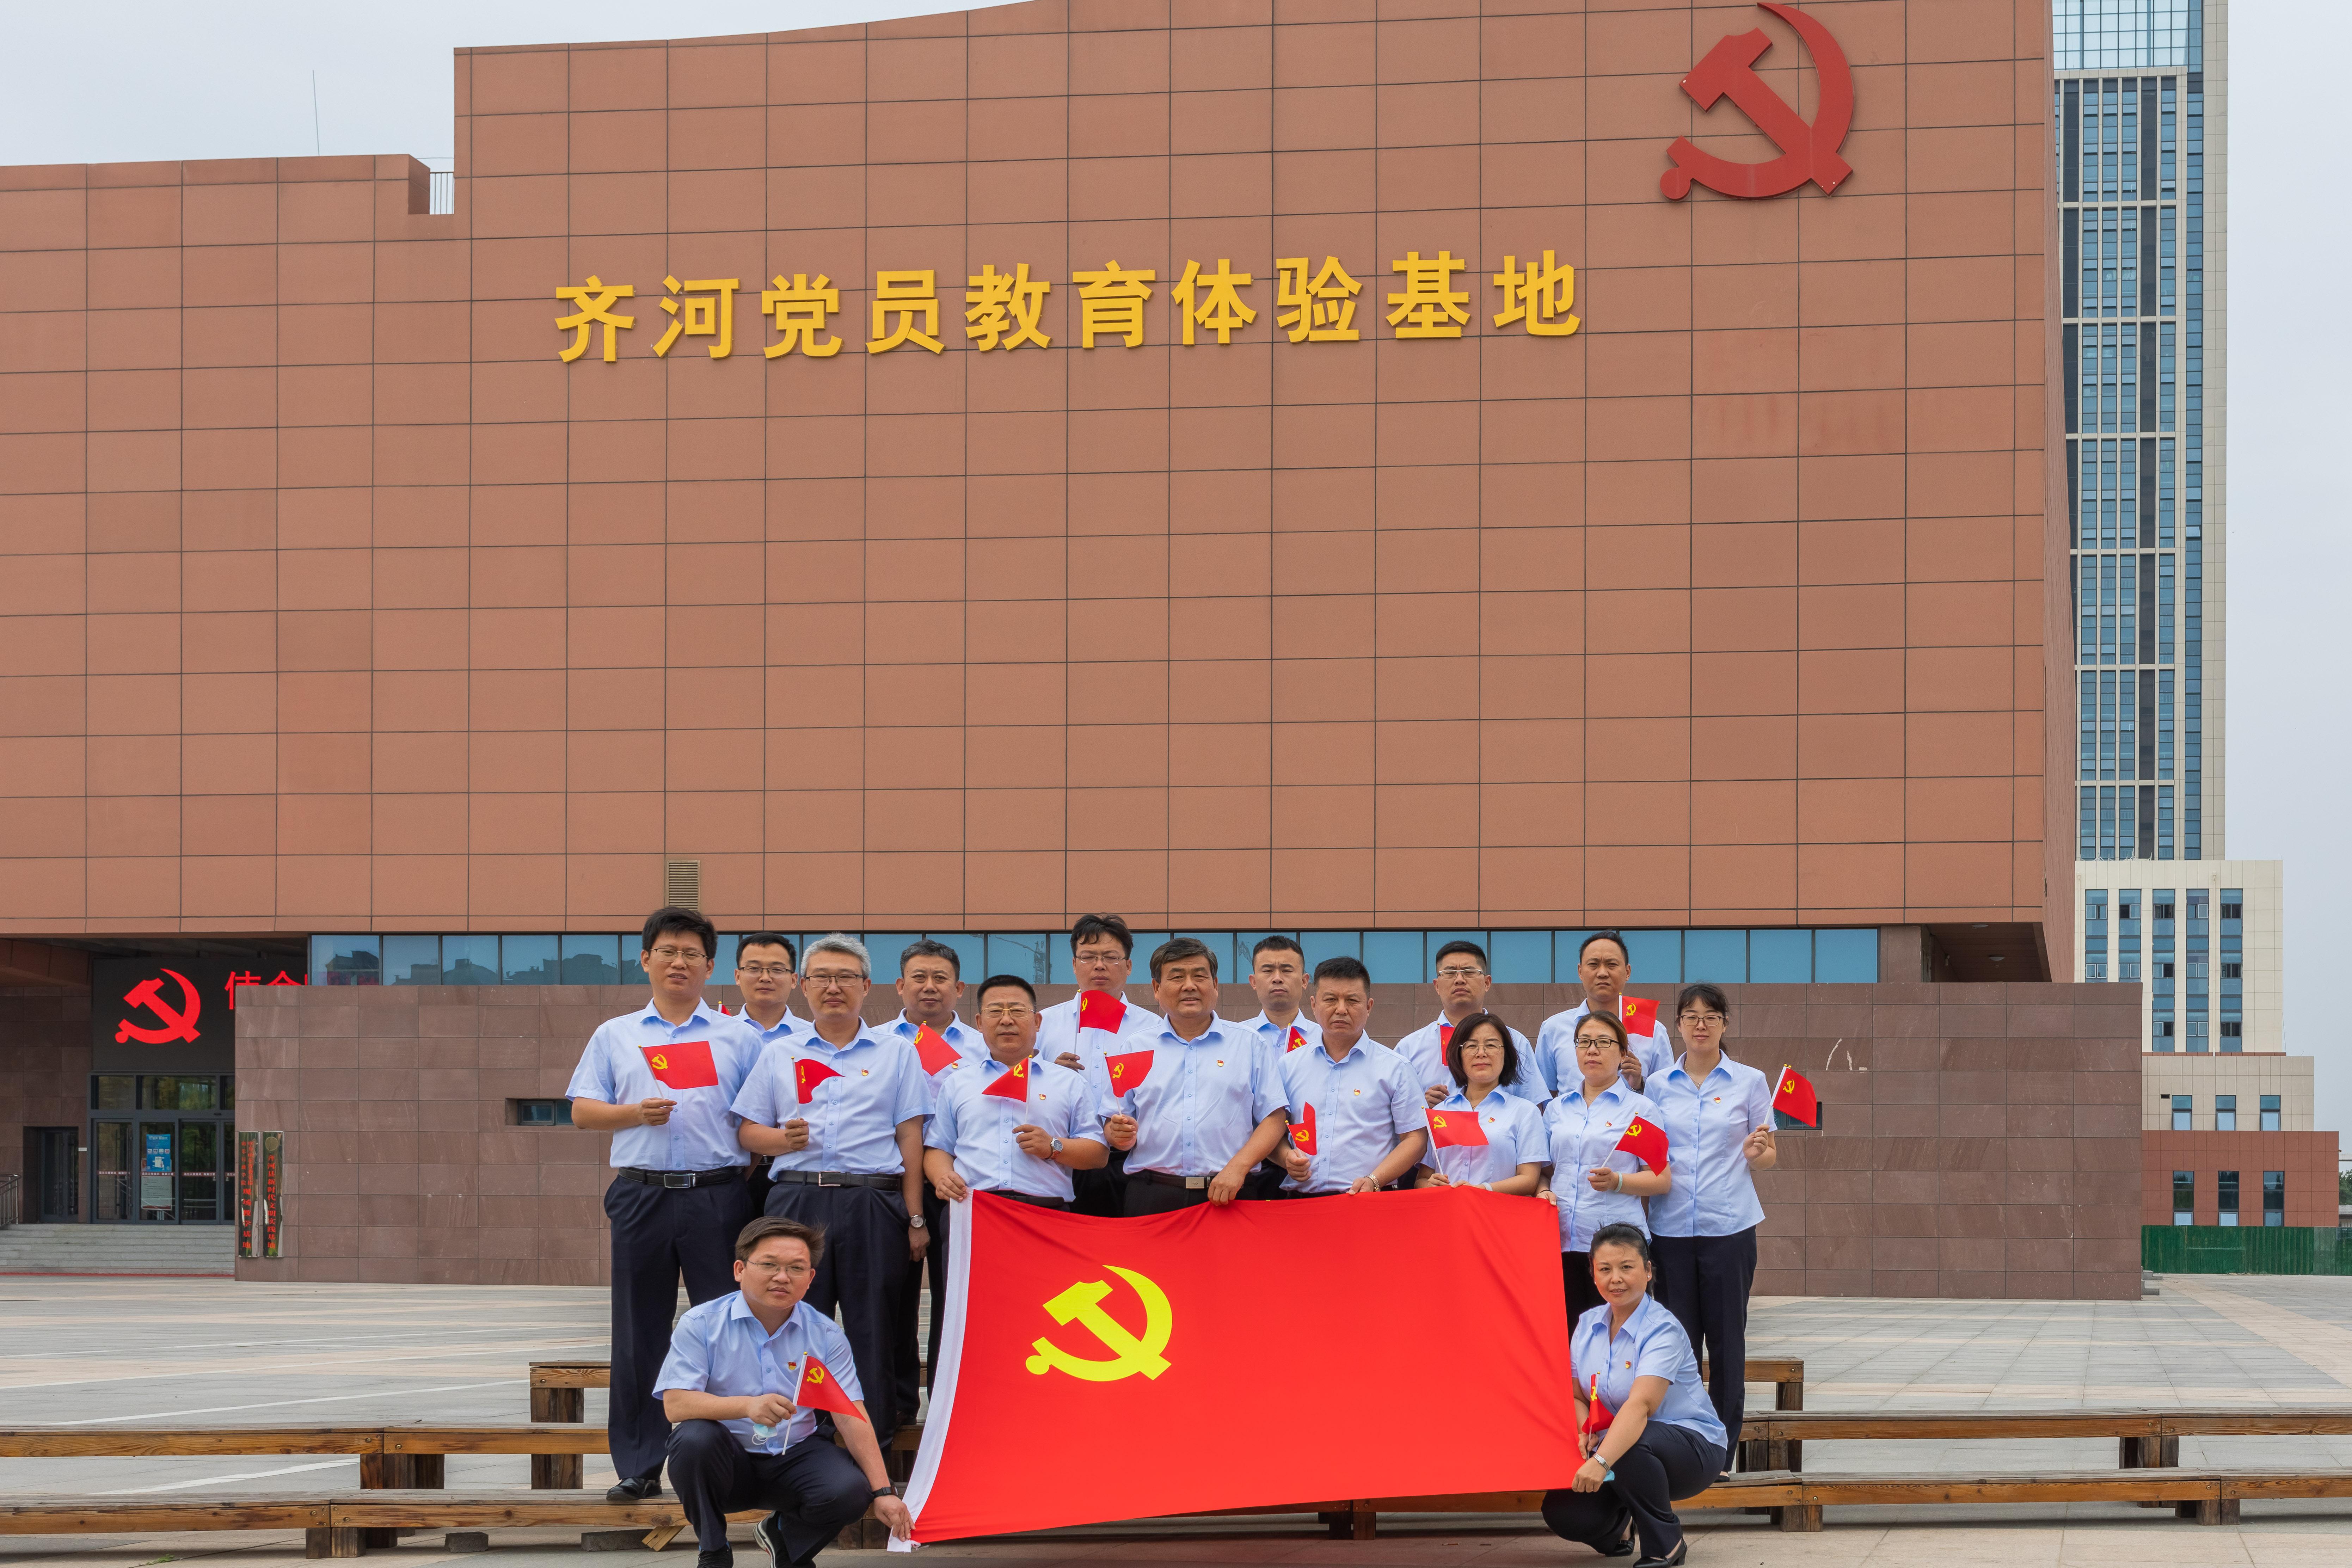 德州城建工程公司:部分党员同志赴齐河 红色教育基地开展党性教育学习